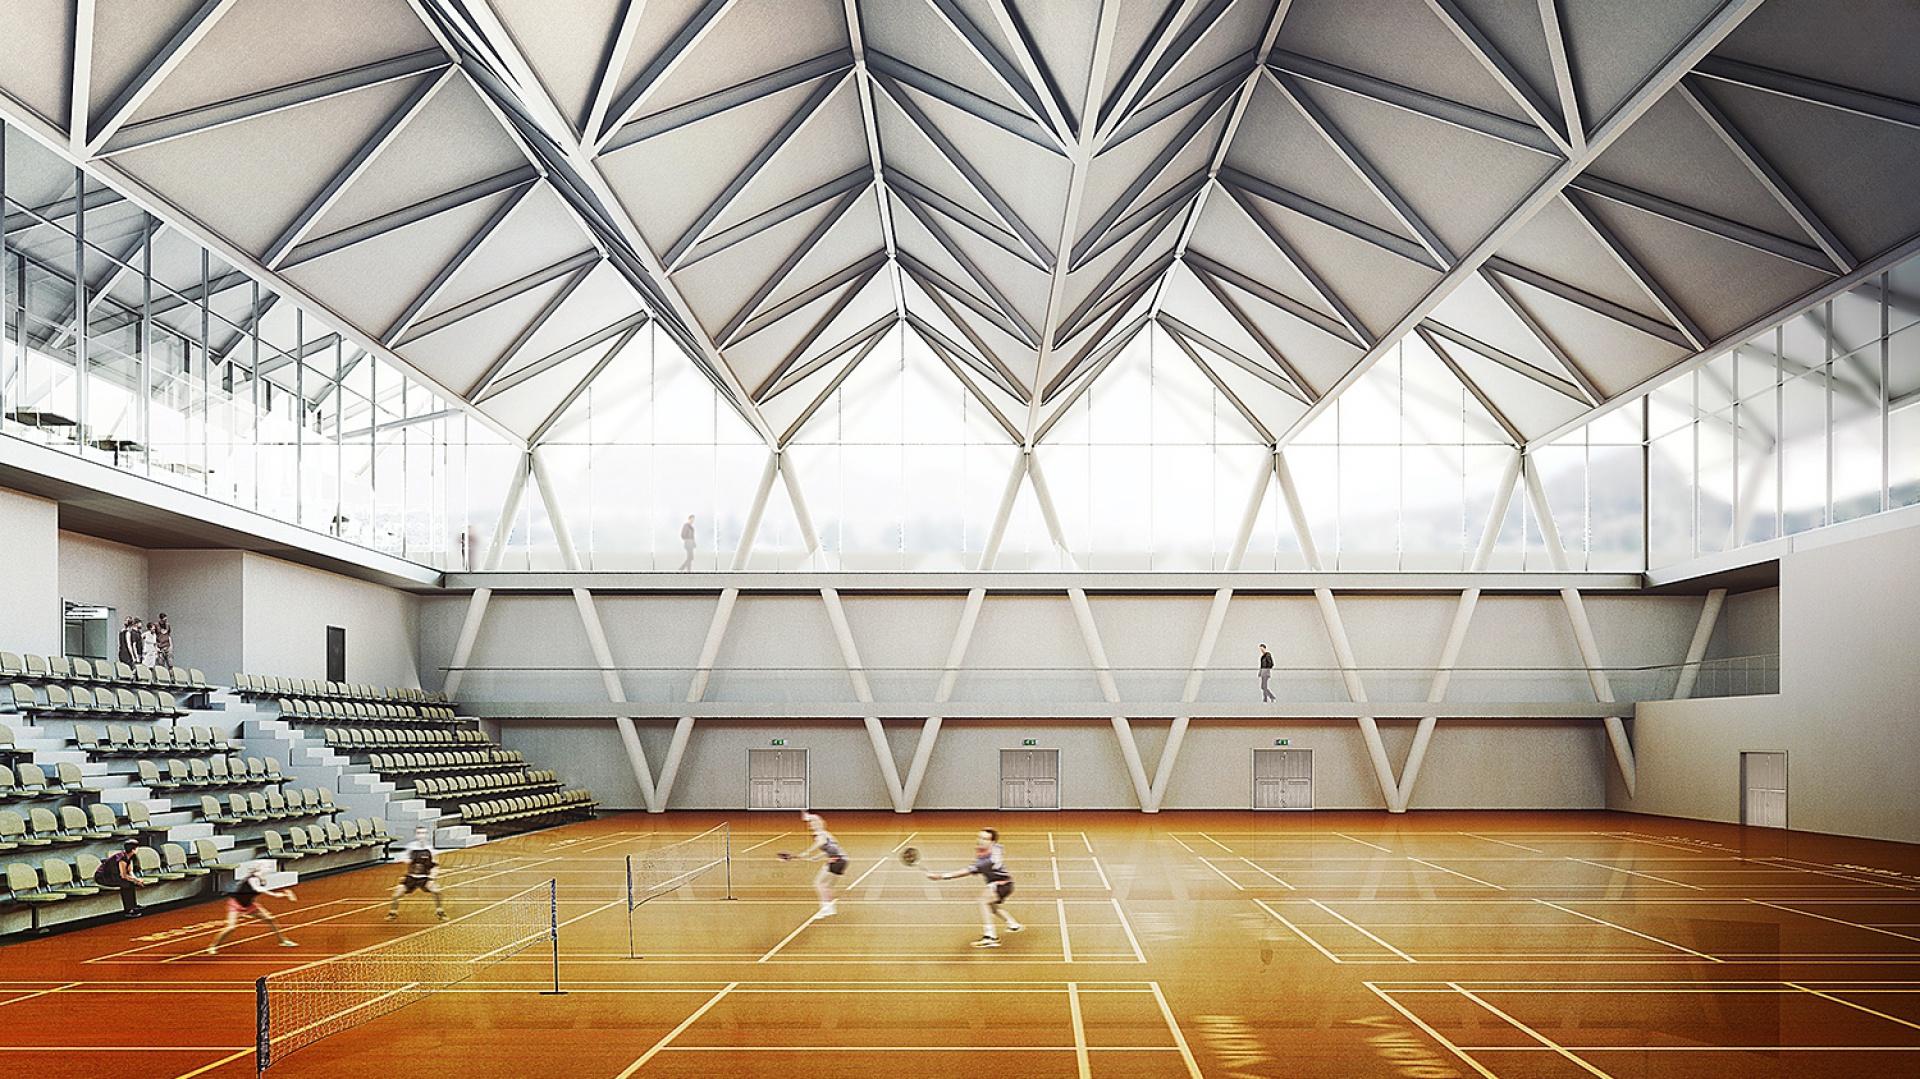 Wnętrze Sali głównej może pomieścić 10 pełnowymiarowych kortów do badmintona. Stylistyka wnętrza nawiązuje do lotki badmintonowej. Fot. BXBstudio